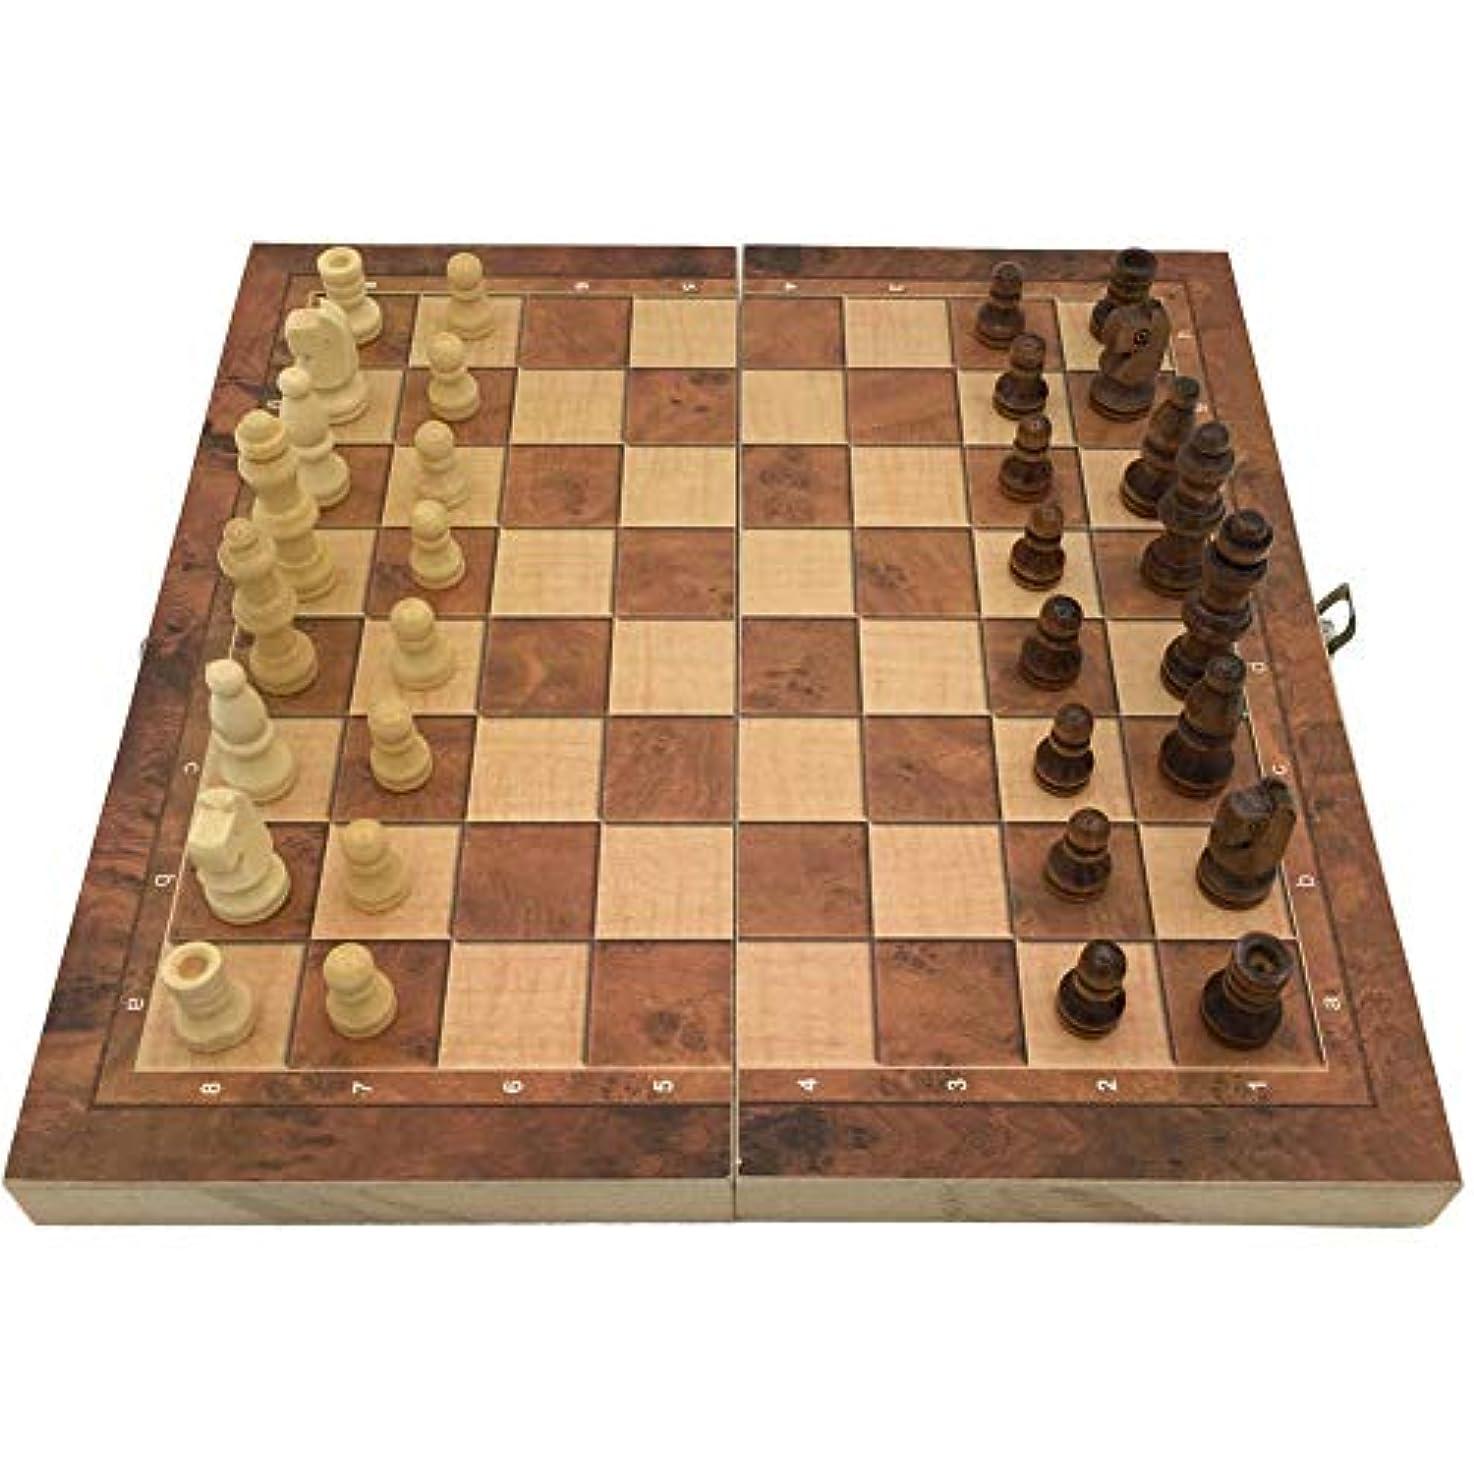 Rocomoco チェス 駒 木製 チェッカー 折り畳み式 ゲーム バックギャモン ギフト 24cm